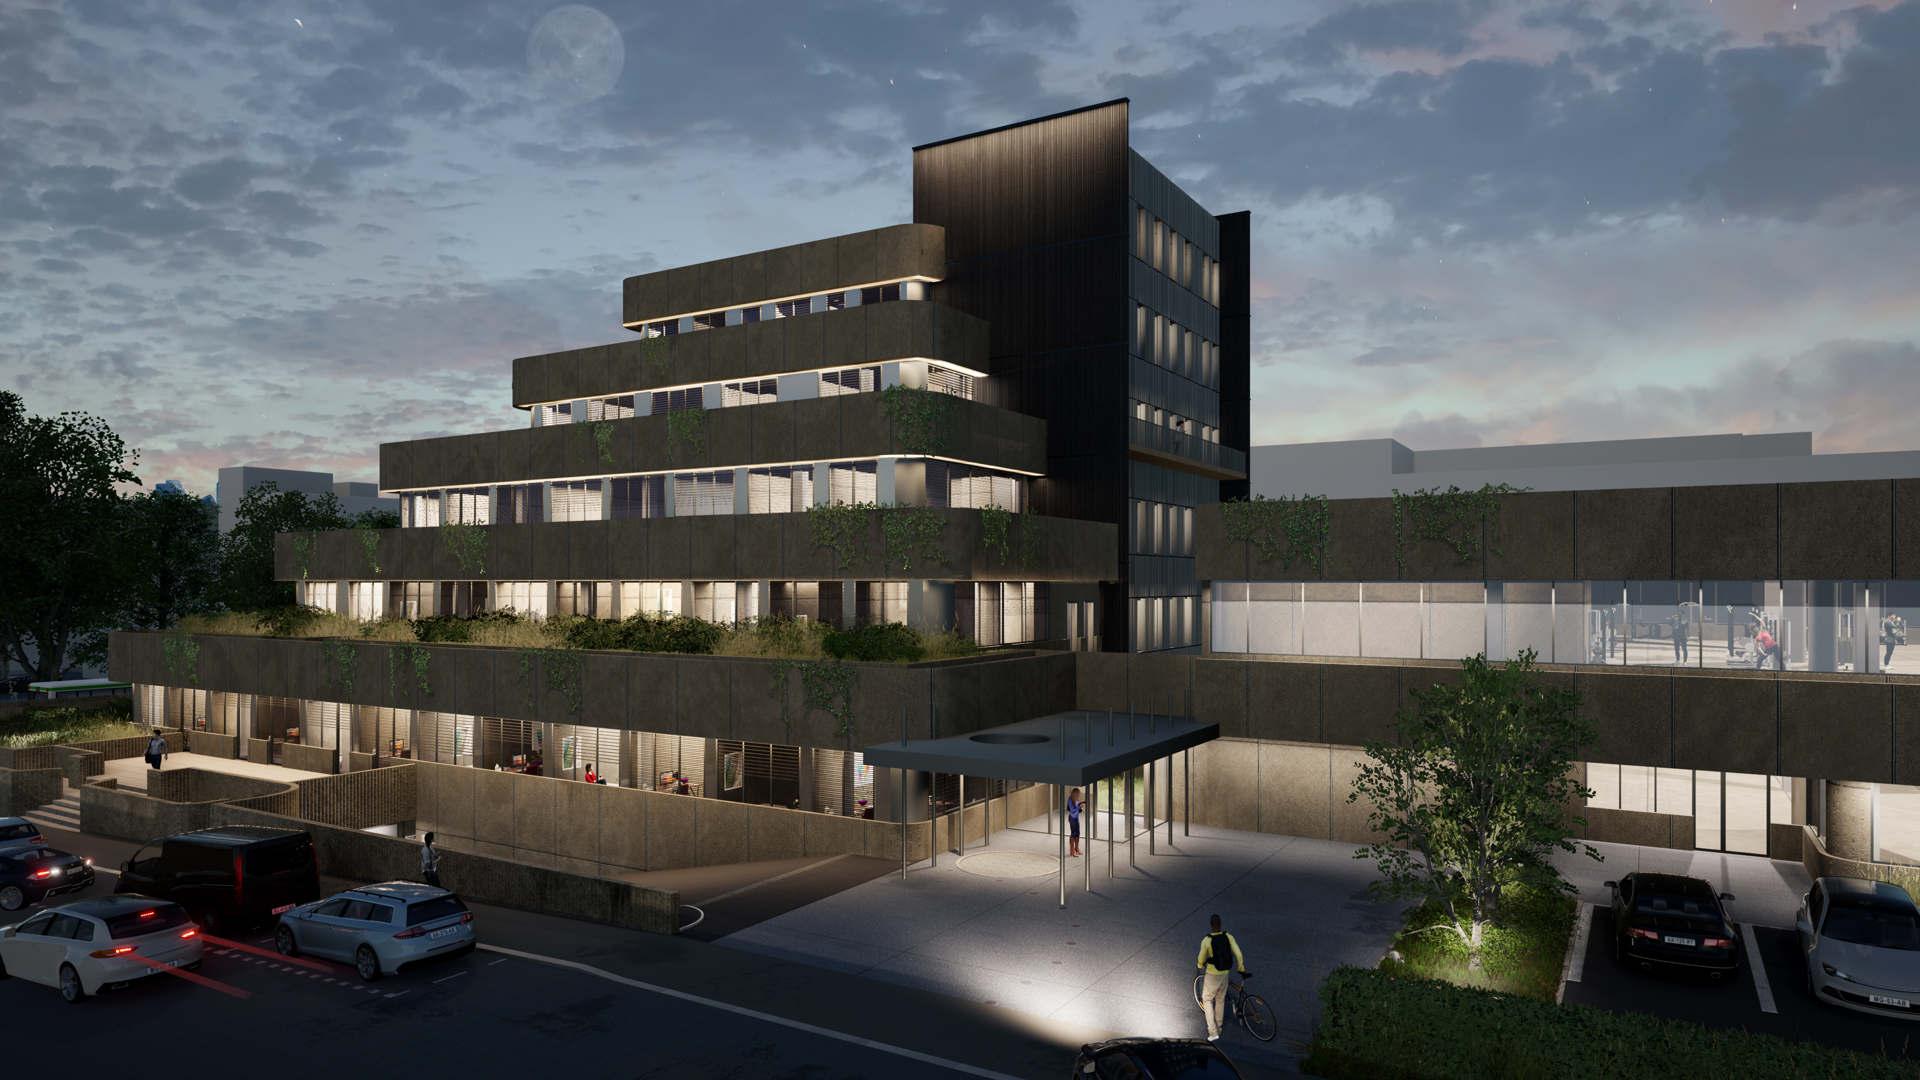 ACTUALITE : Une future résidence étudiante haut de gamme